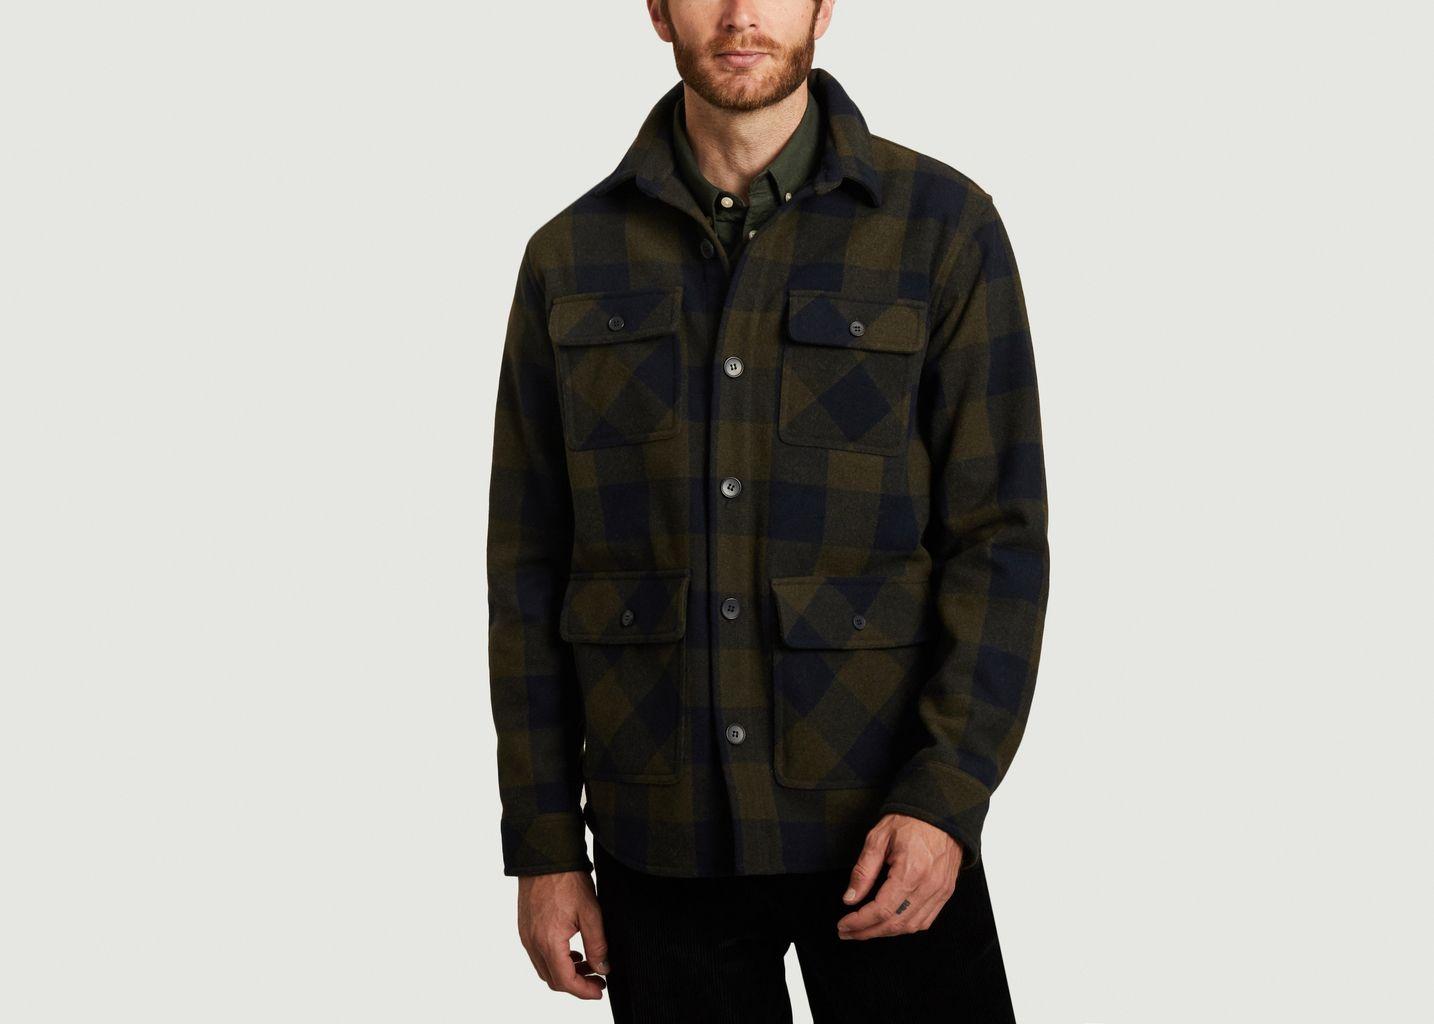 Sur-chemise Pine - KCA